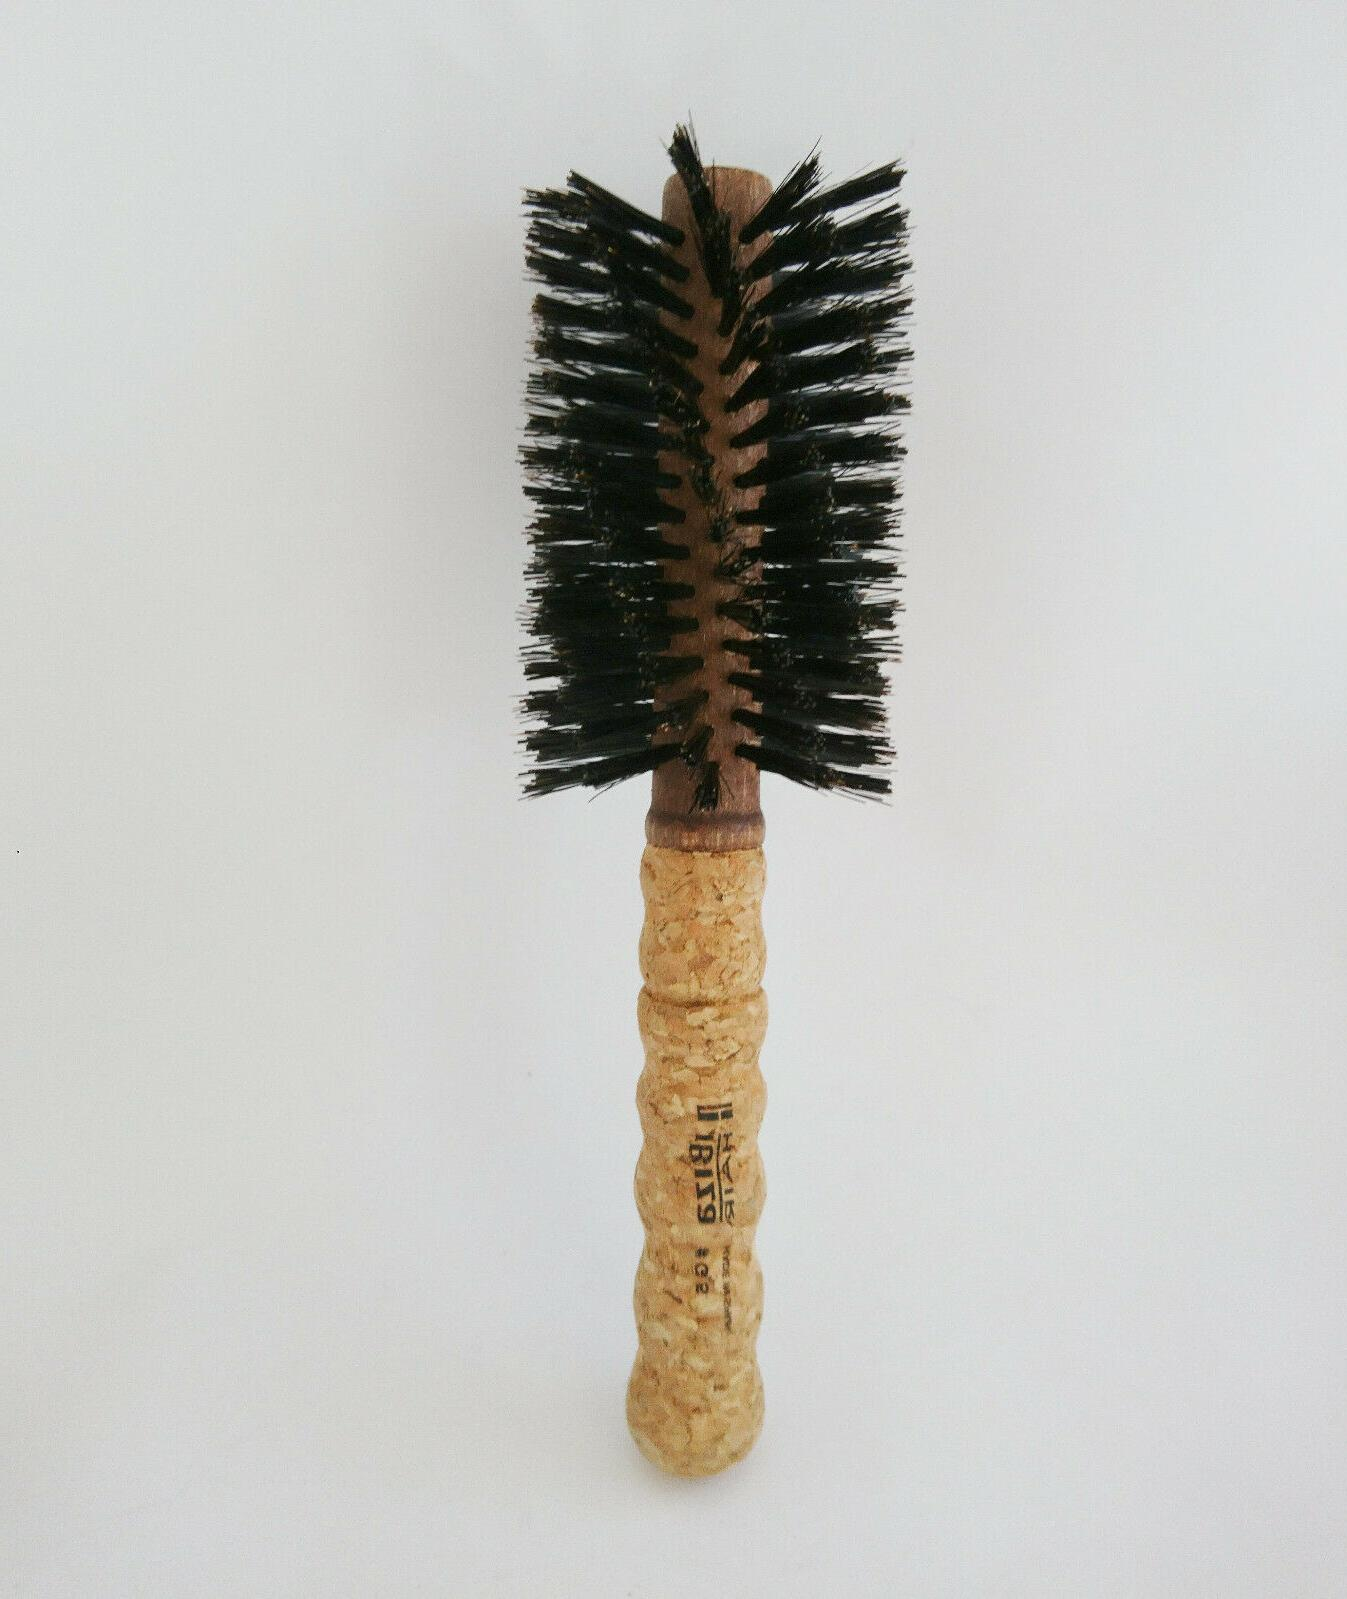 g series g5 hair brush